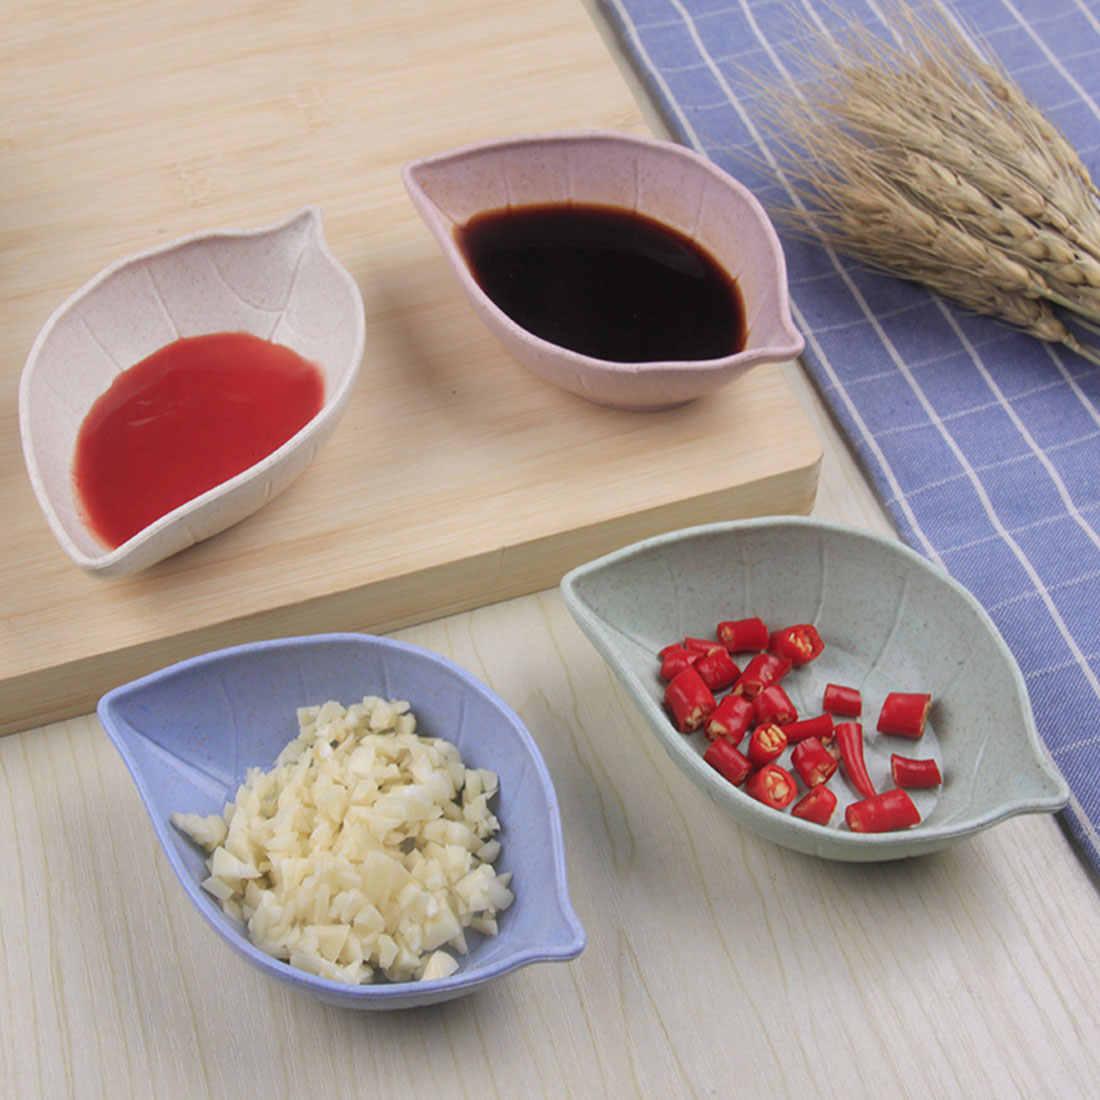 1Pc kształt liści miska ze słomy pszennej ocet przyprawy stałe soja danie sos sól przekąska mały talerz narzędzia kuchenne